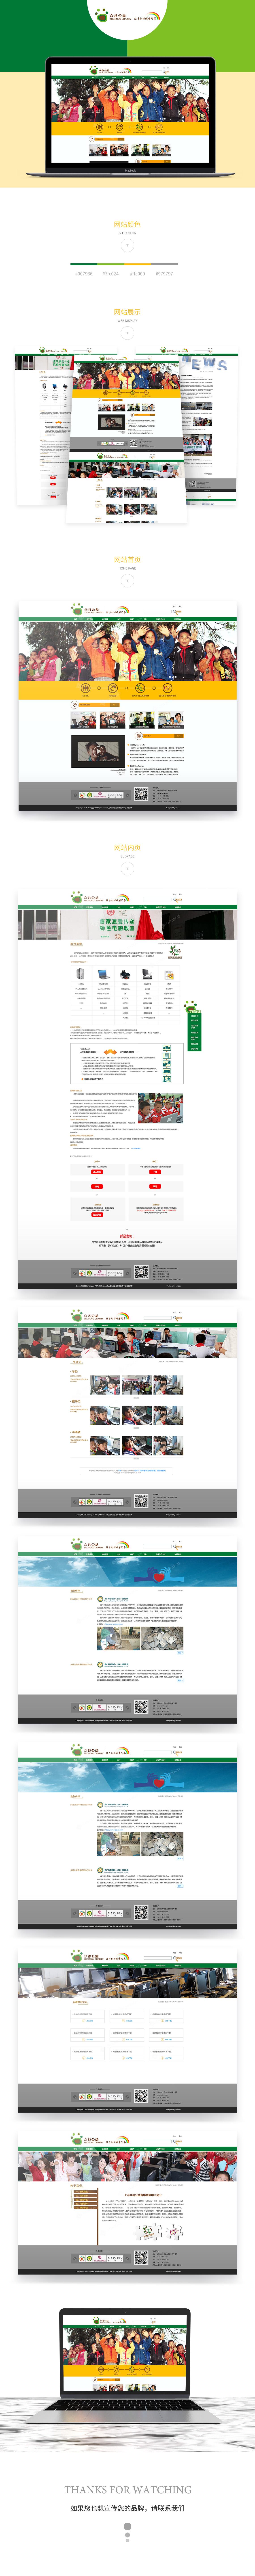 公司網站建設案例之眾谷公益青年發展中心